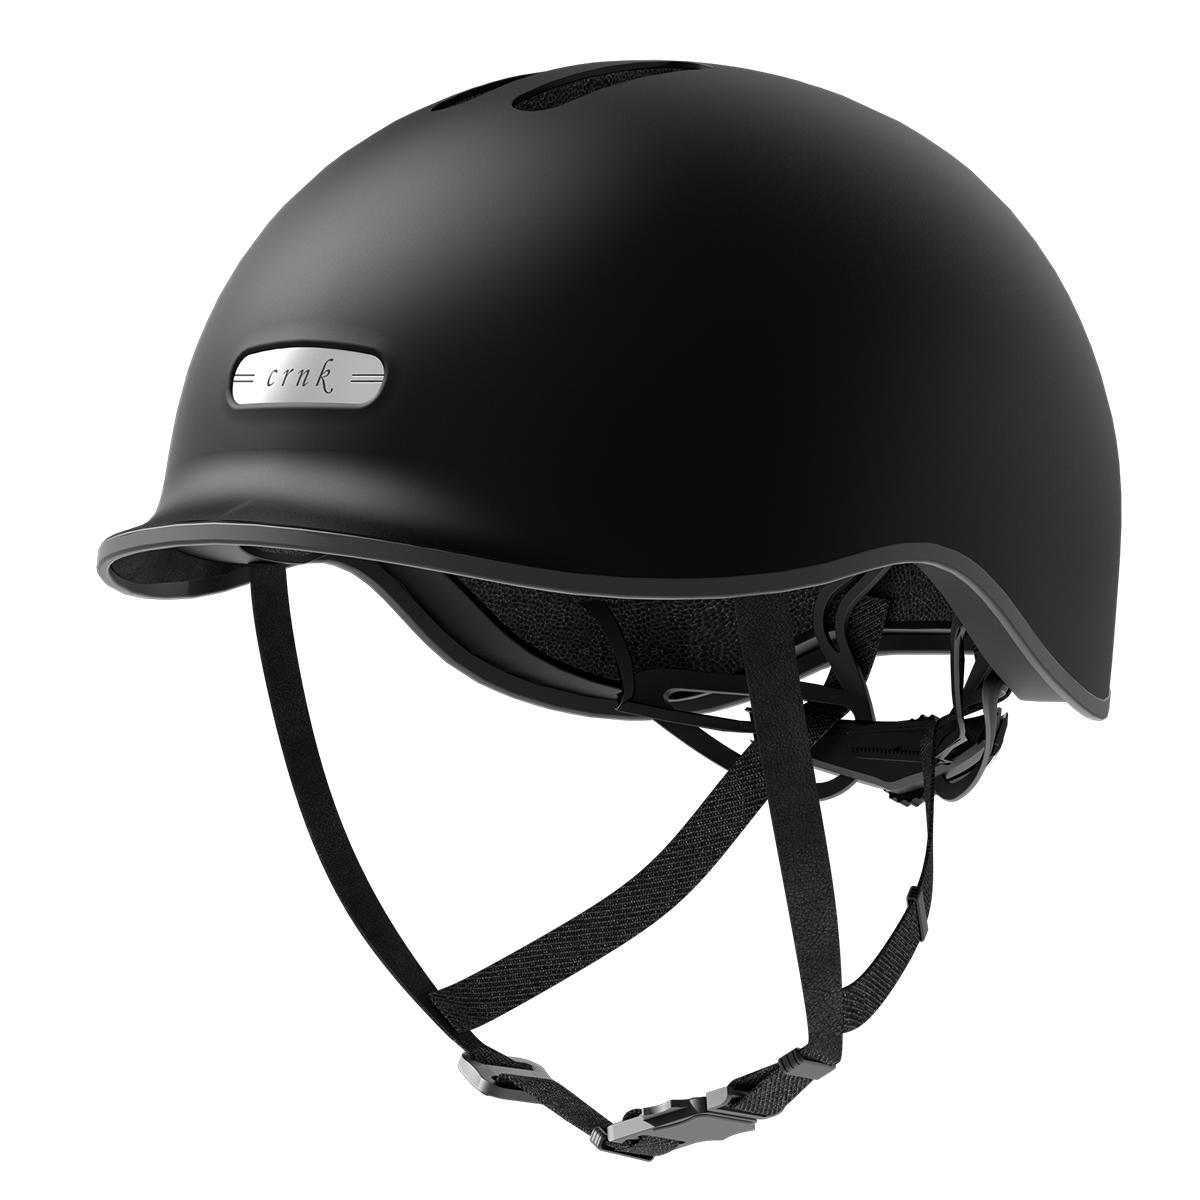 [크랭크 헬멧] 크랭크 탱고 자전거헬멧, 블랙 - 랭킹8위 (69000원)